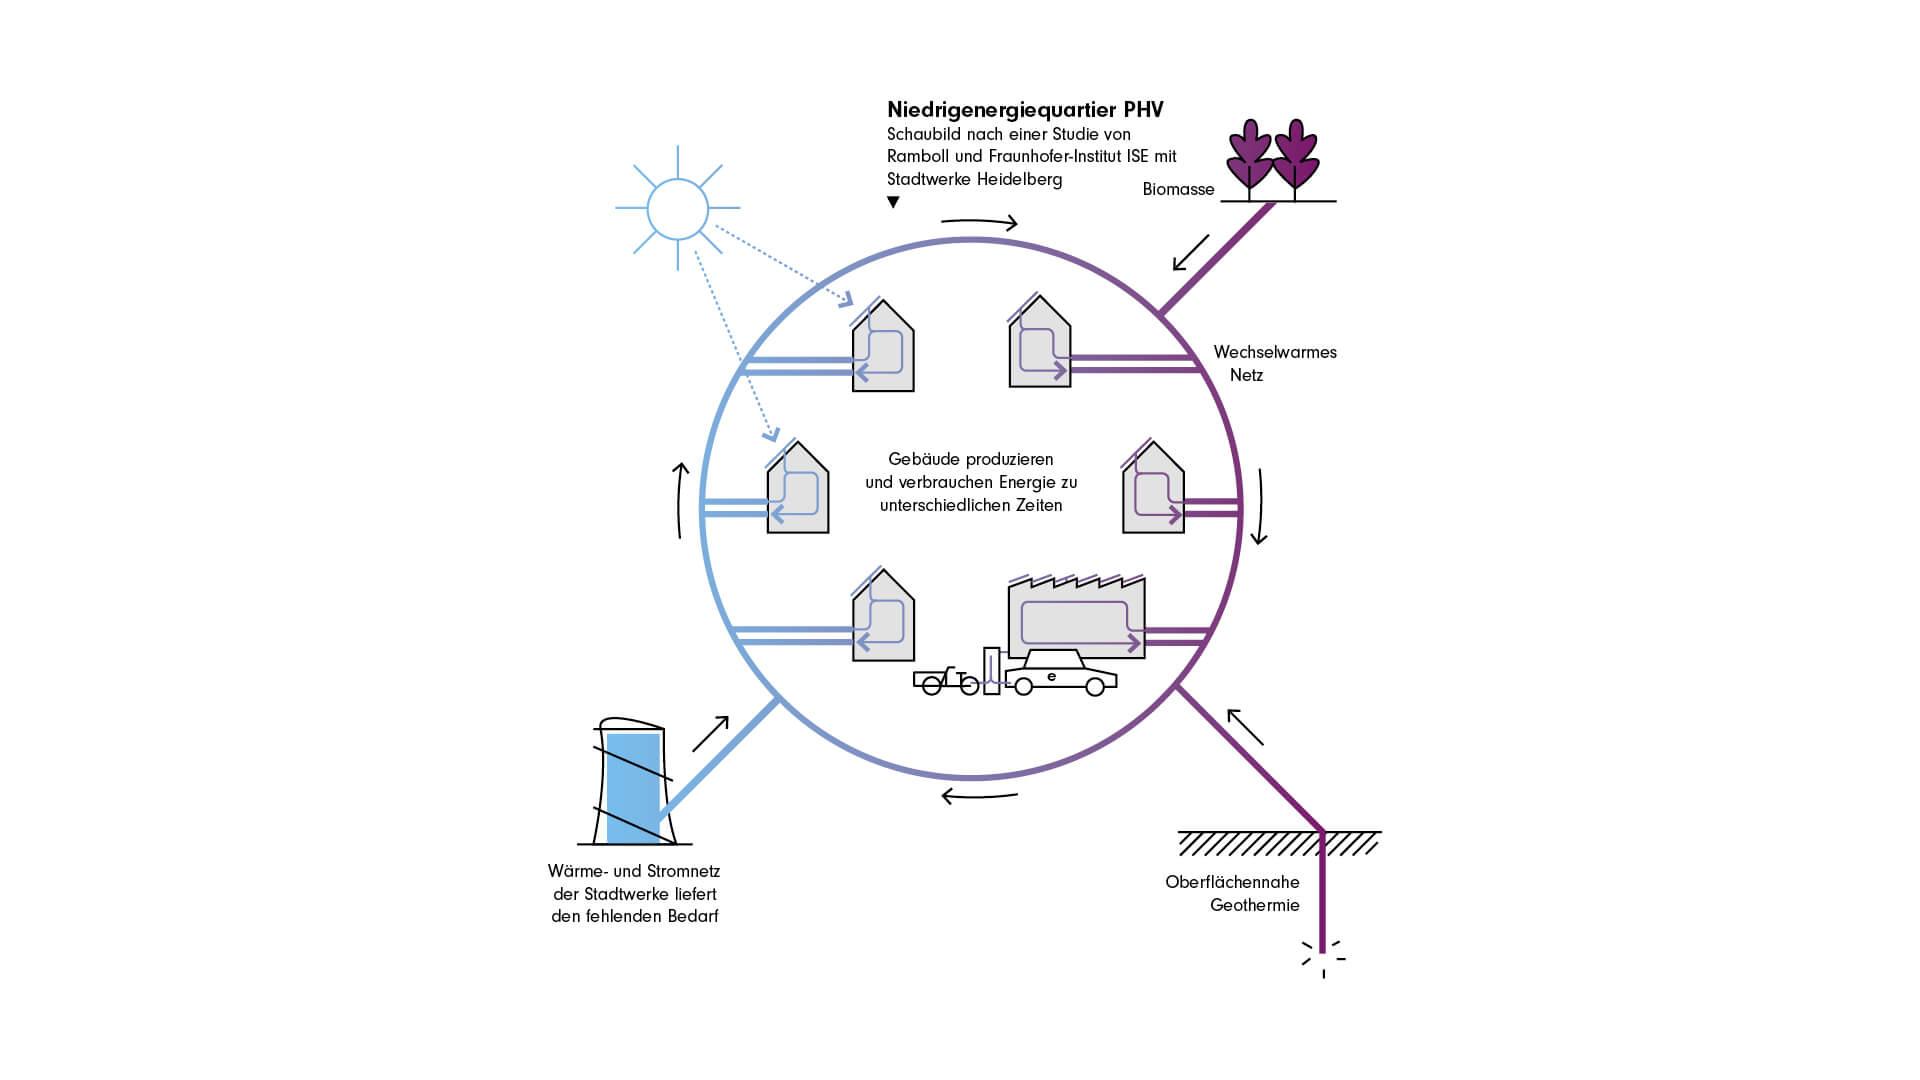 Das zukunftsorientierte Energiekonzept setzt auf erneuerbare Energien, Energieeinsparungen und neue Technologien im PHV. © Dynamischer Masterplan PHV/Stadtwerke Heidelberg